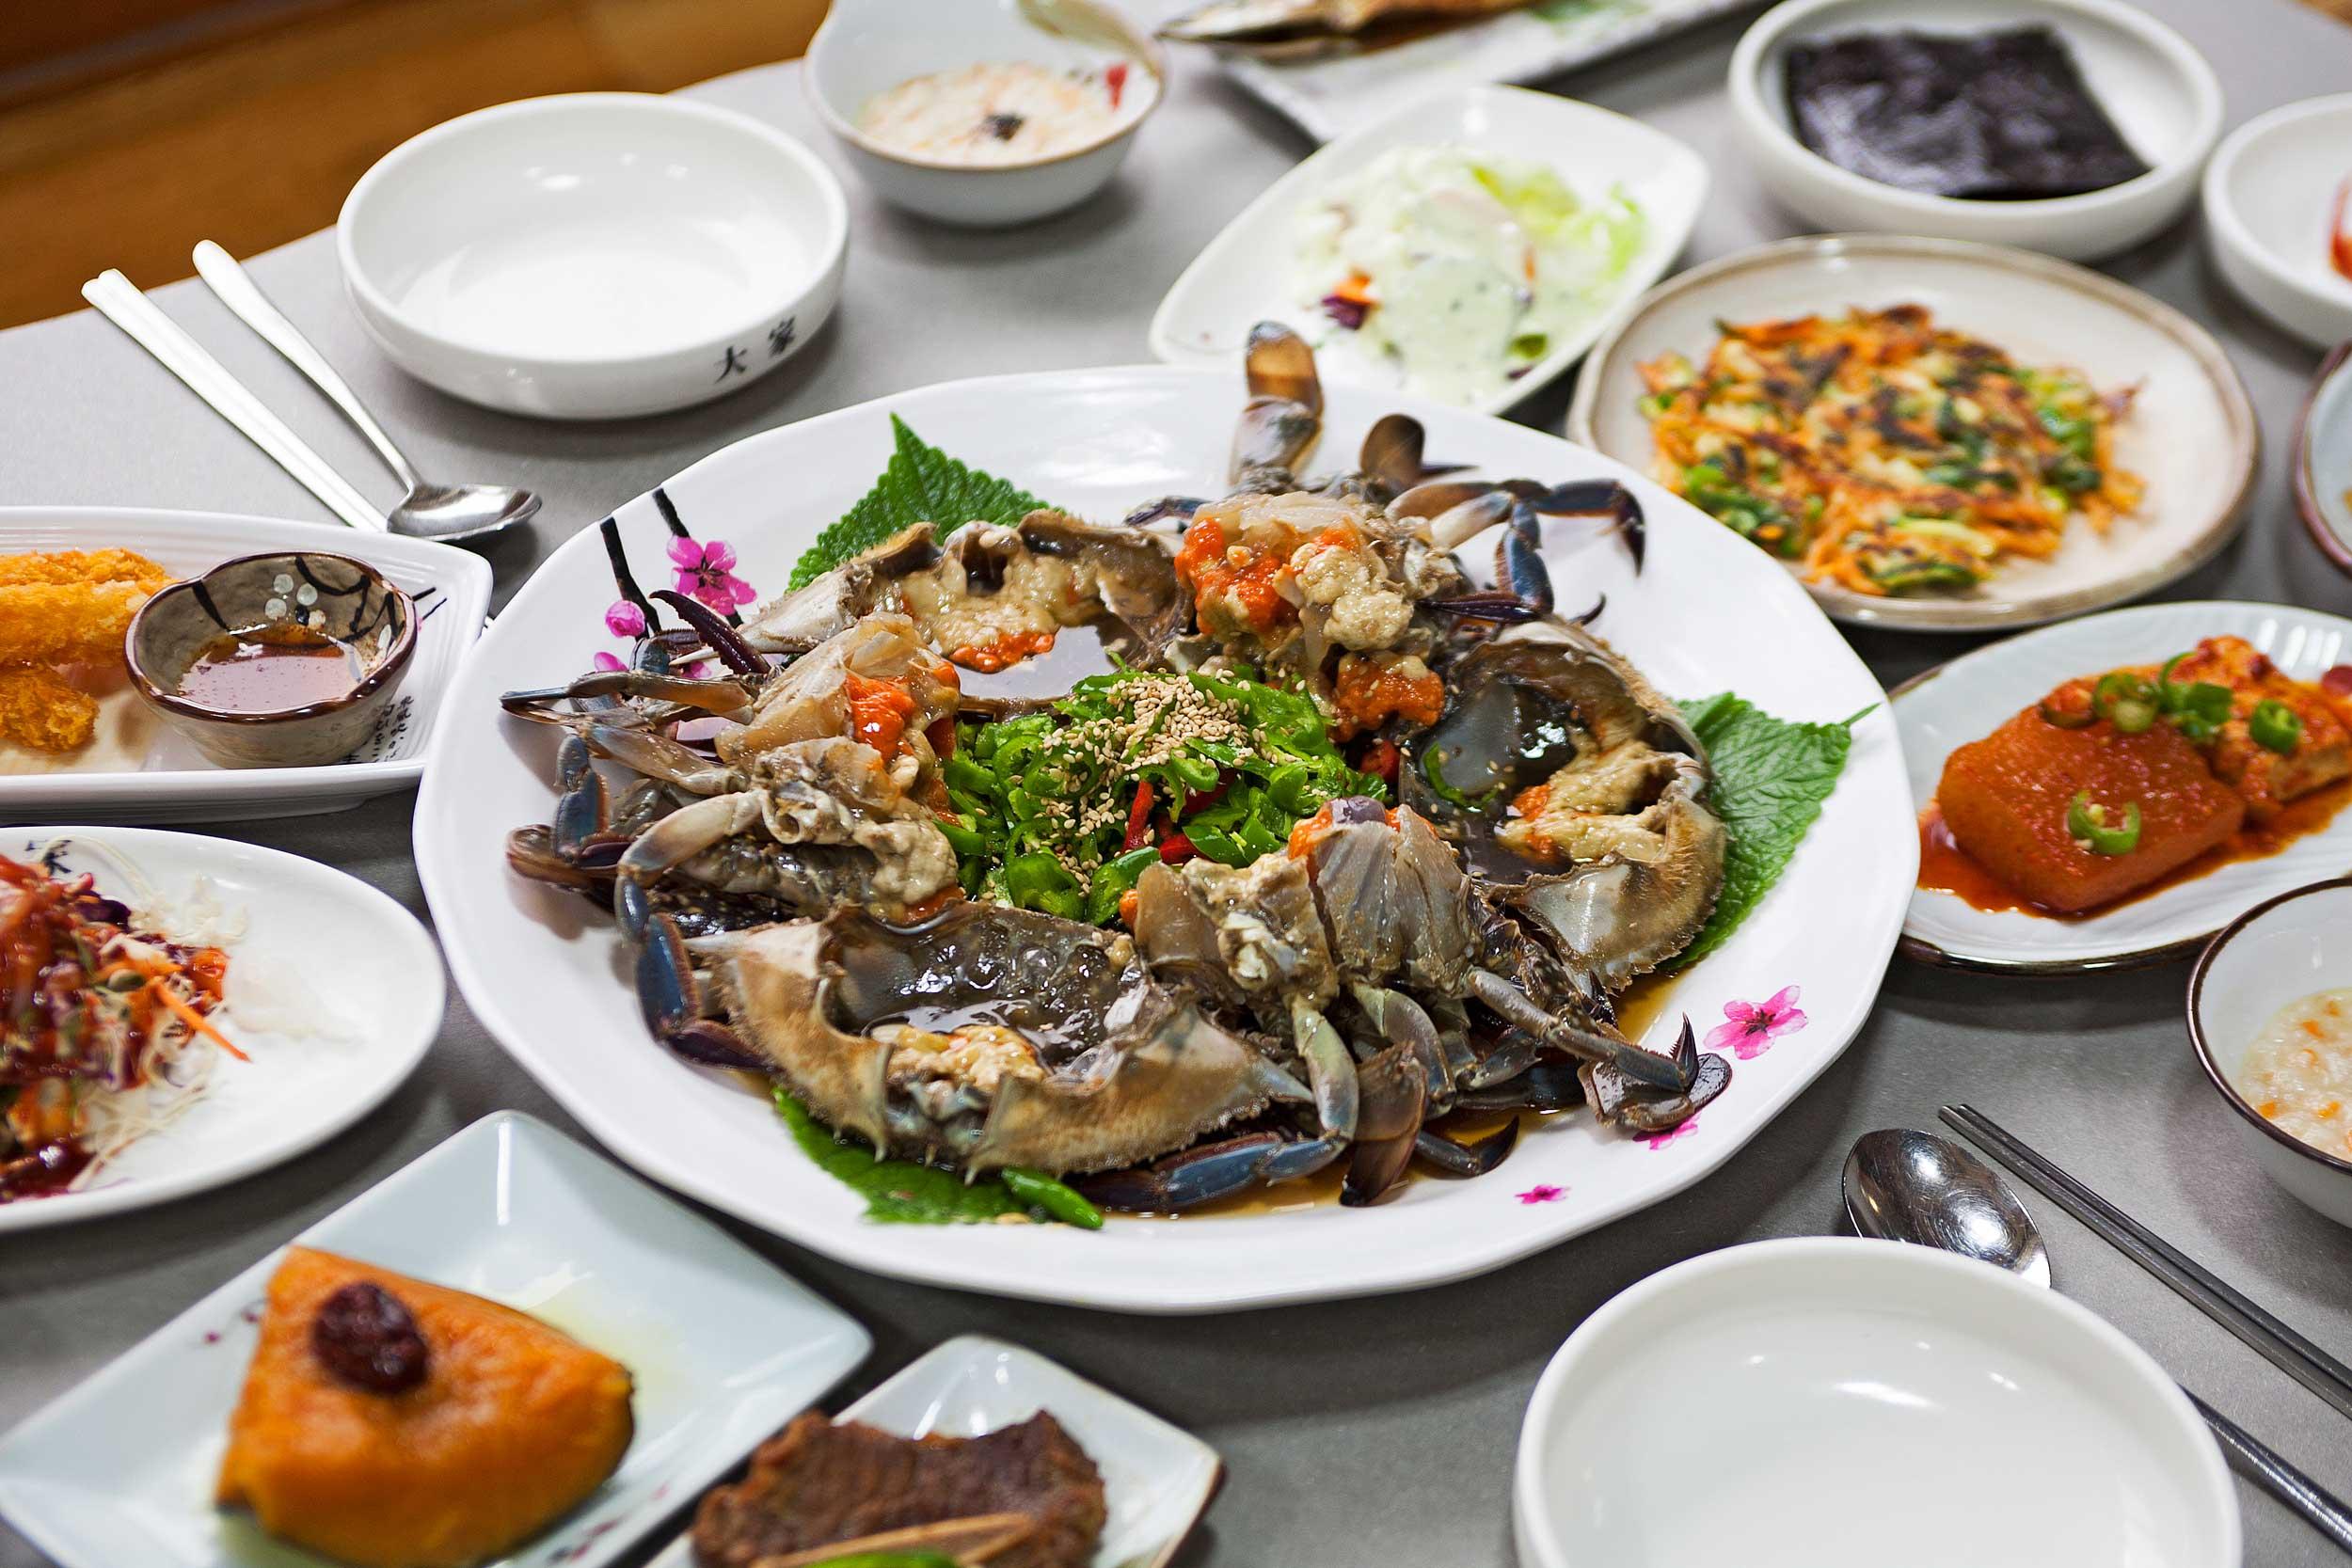 군산의 3대 꽃게장 음식점으로 꼽히는 대가大家의 간장게장 ©현관욱